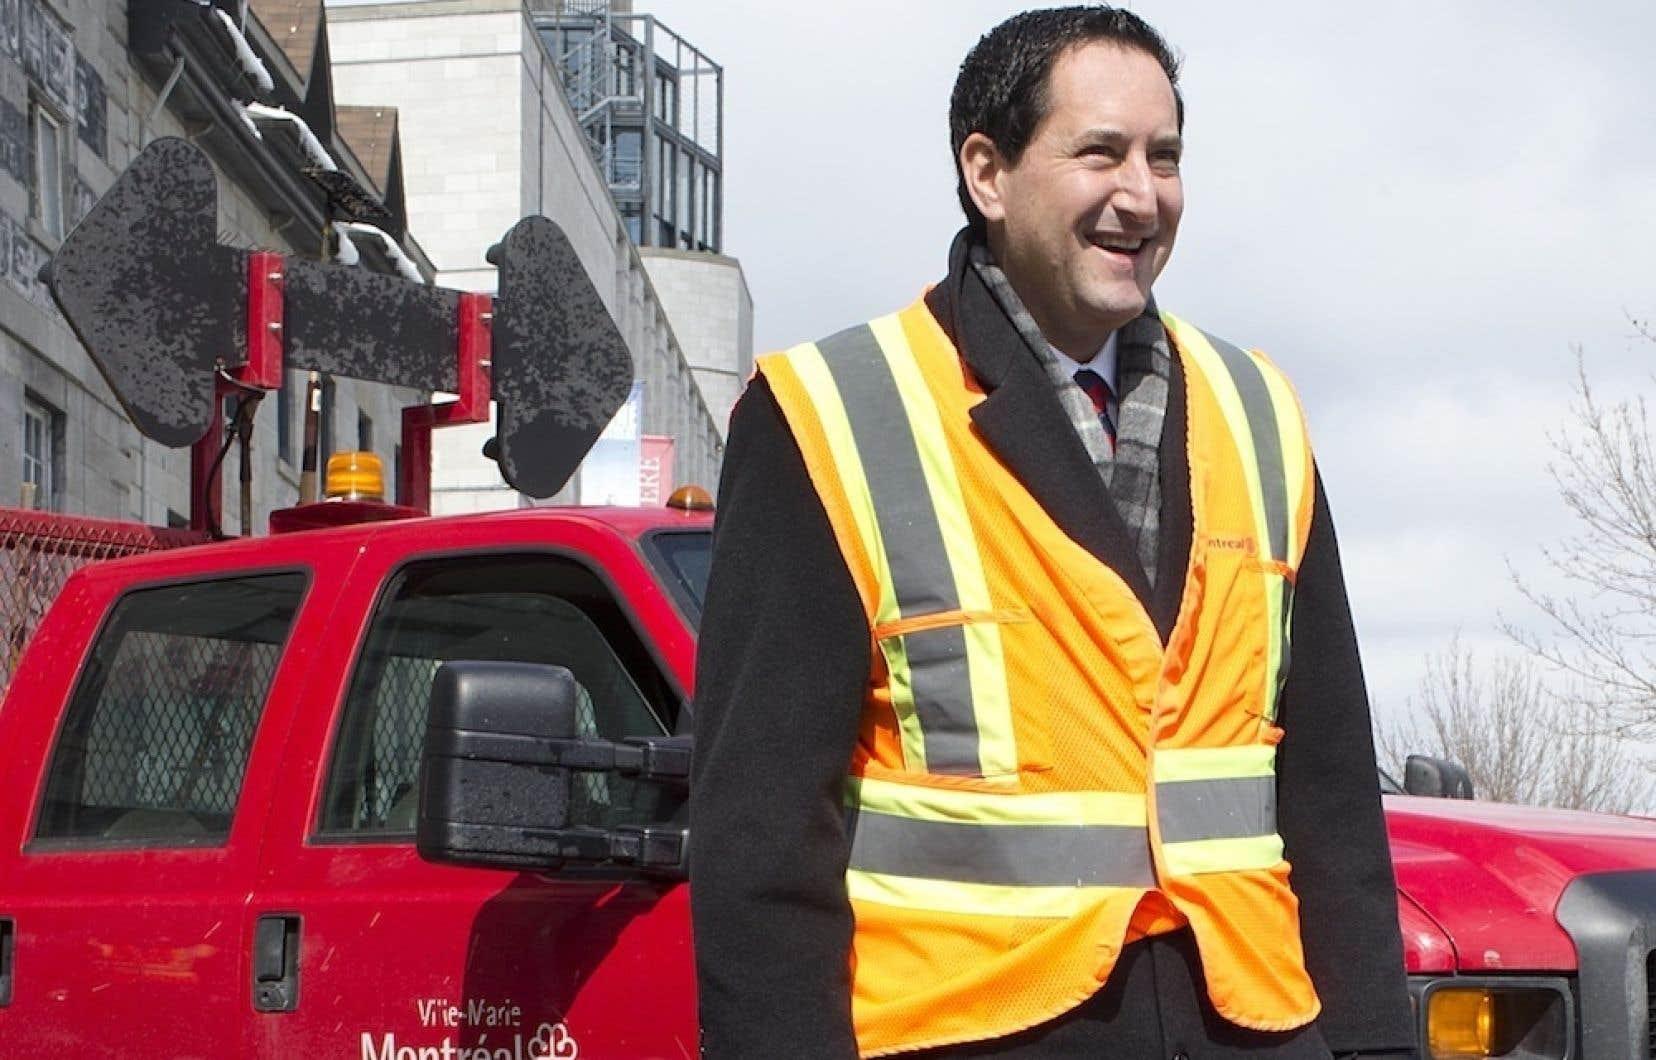 Le maire Applebaum s'est présenté dans le Vieux-Montréal, vendredi, pour boucher lui-même un nid-de-poule avant de lancer son appel à l'aide.